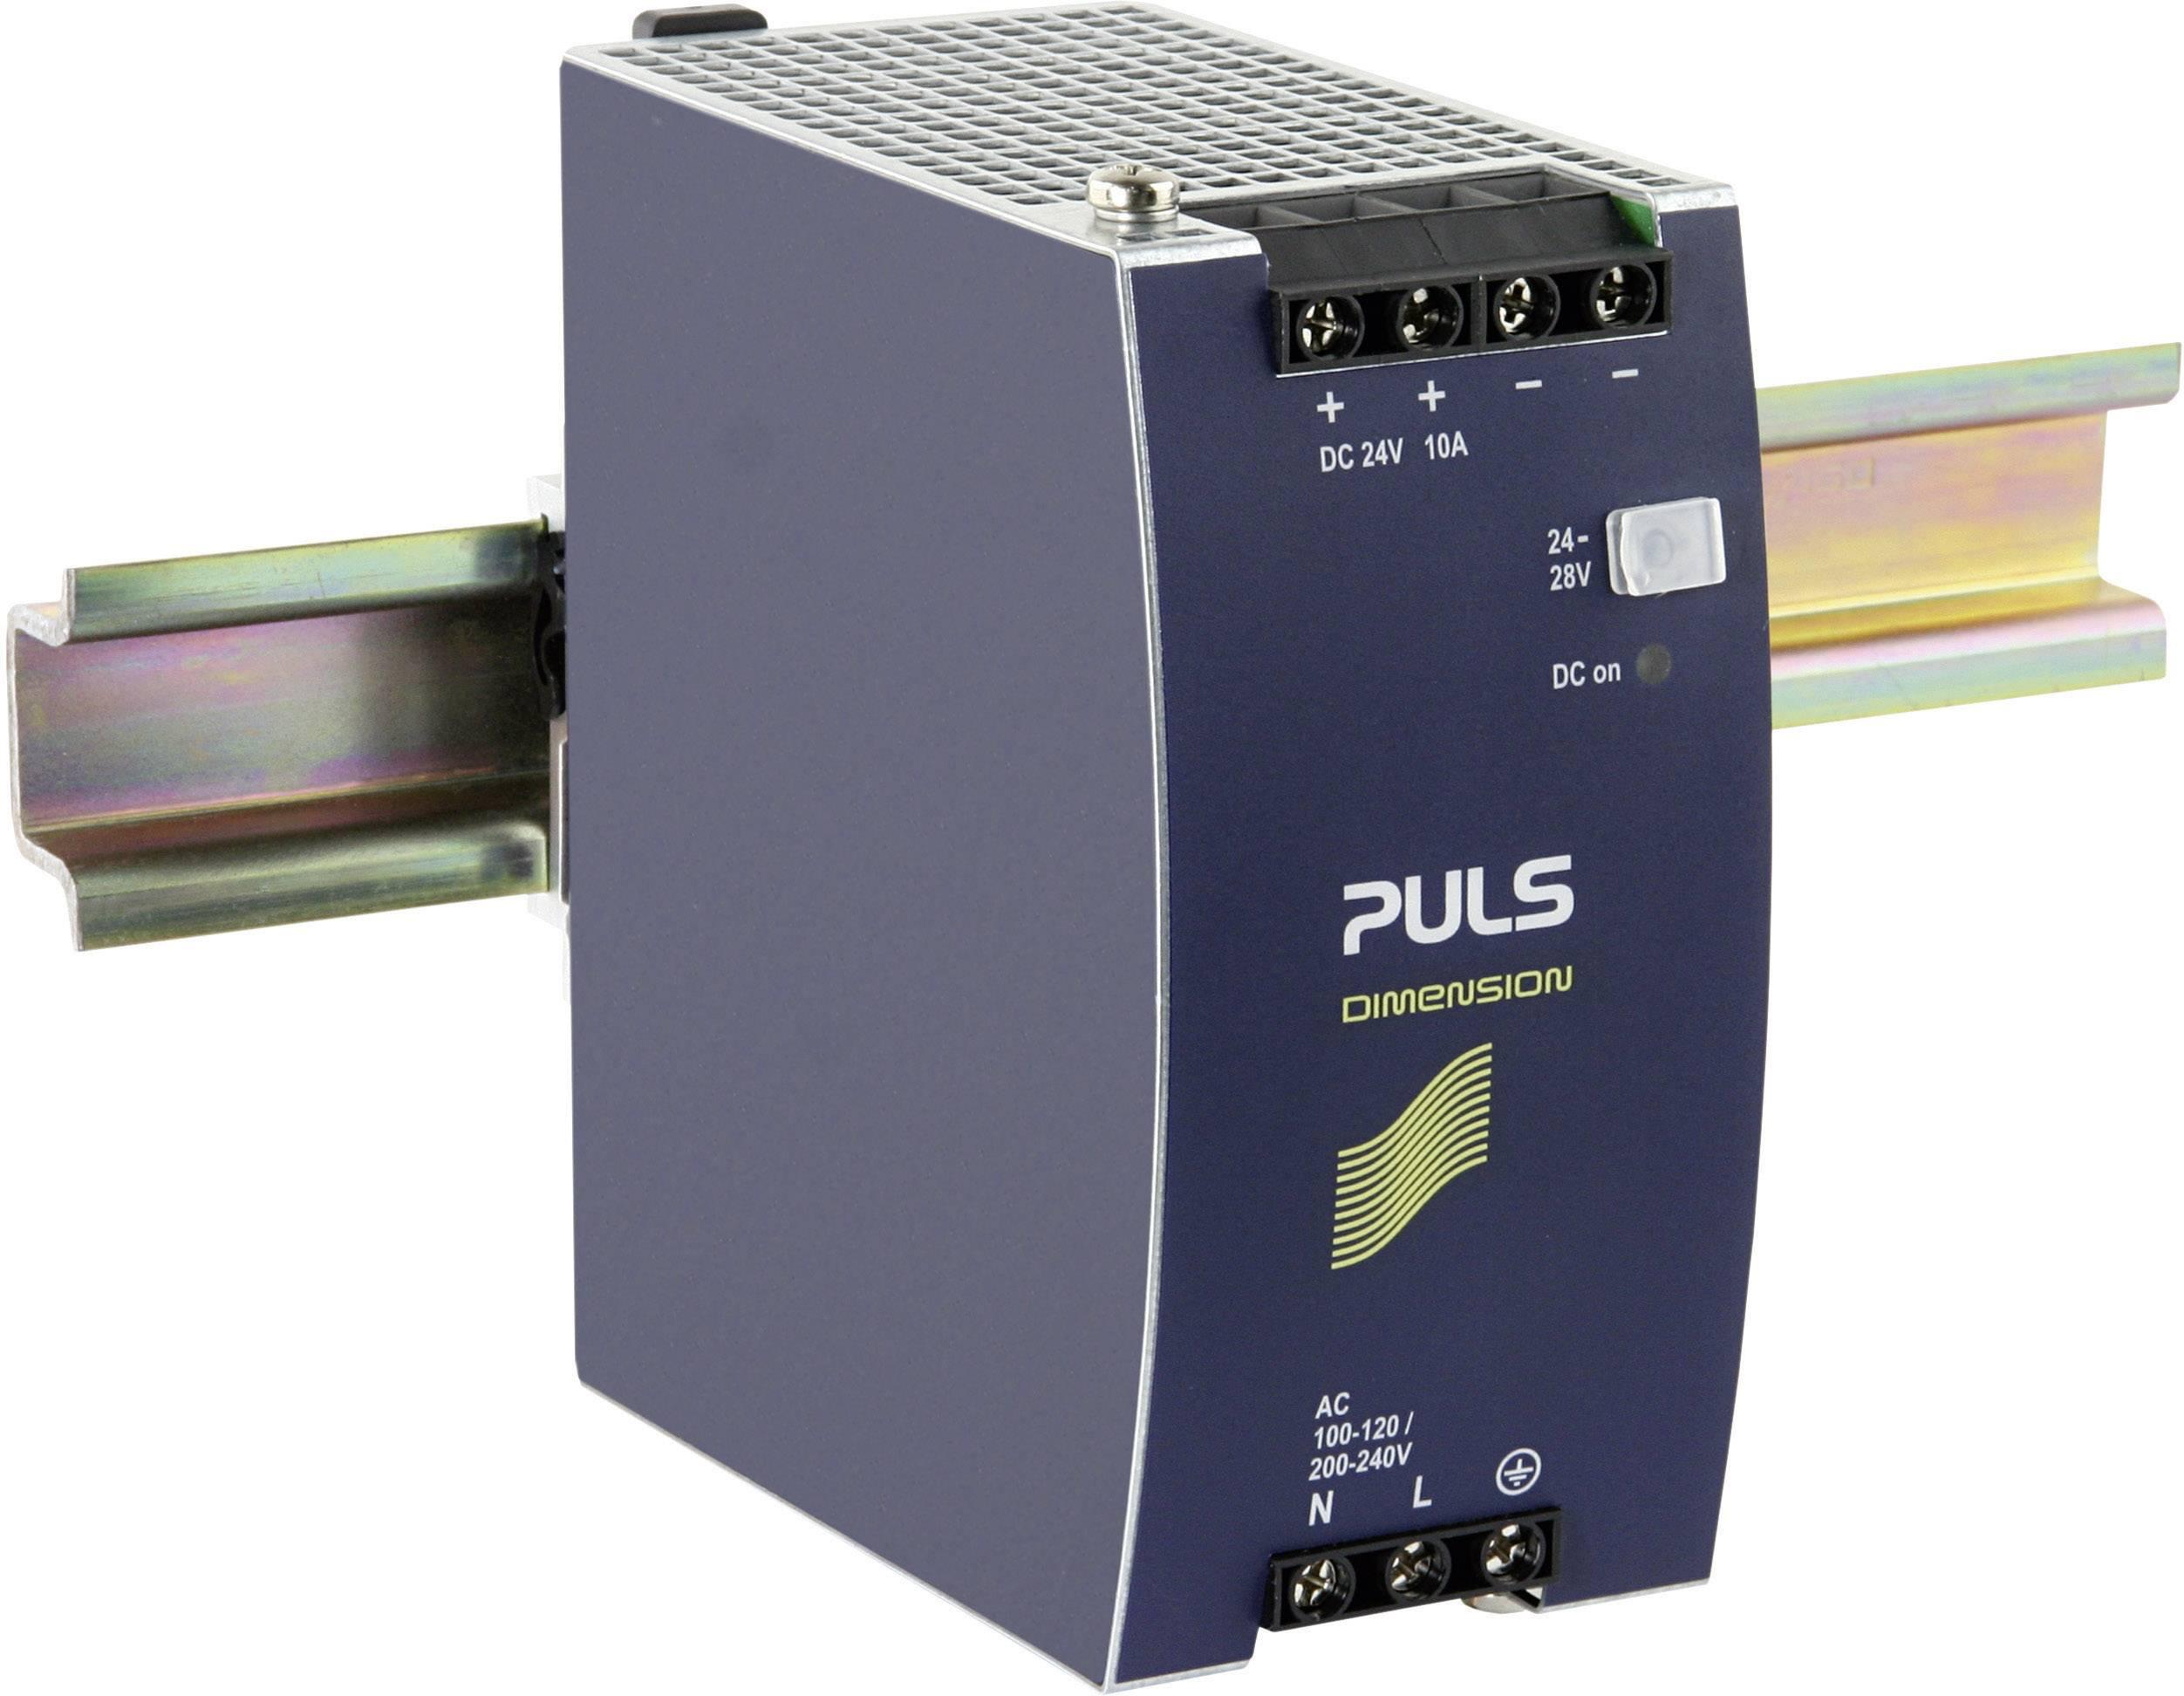 Napájecí zdroj na DIN lištu PULS Dimension CS10.241, 10 A, 24 V/DC